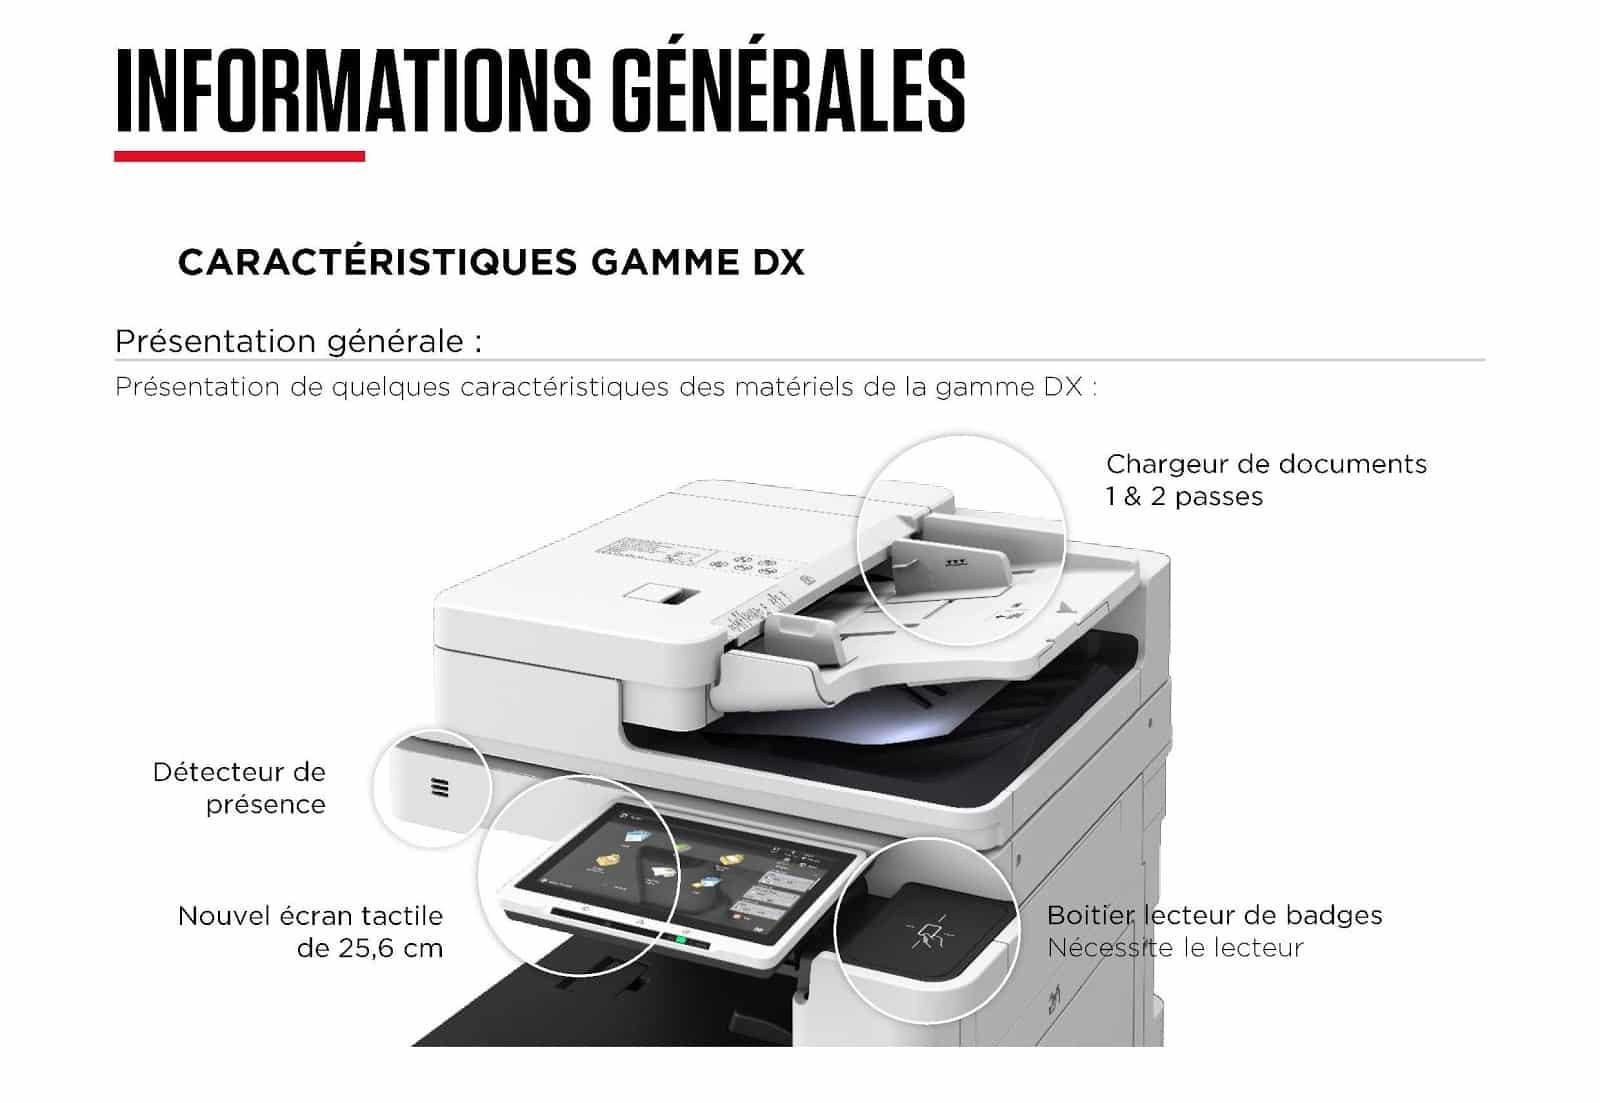 hexacom-impression-caractéristique-gamme-dx